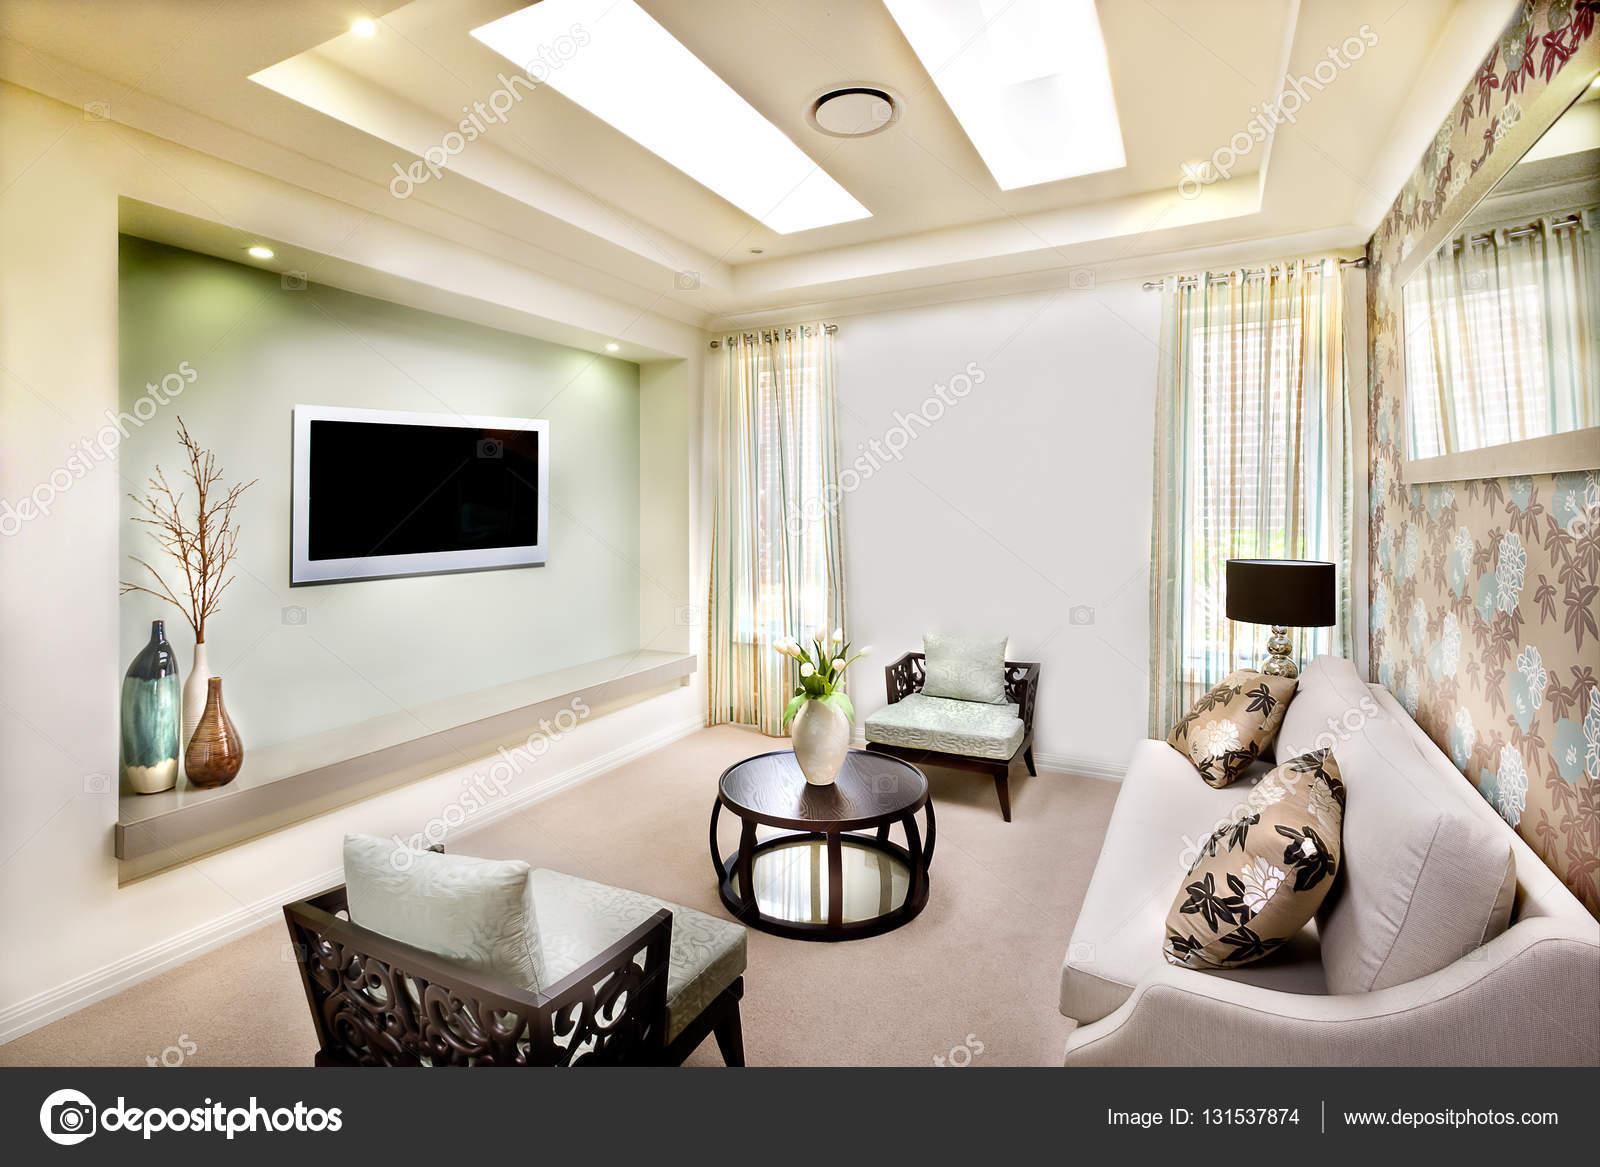 Im genes interiores de casas dise o de interiores de for Diseno de interiores sala de estar